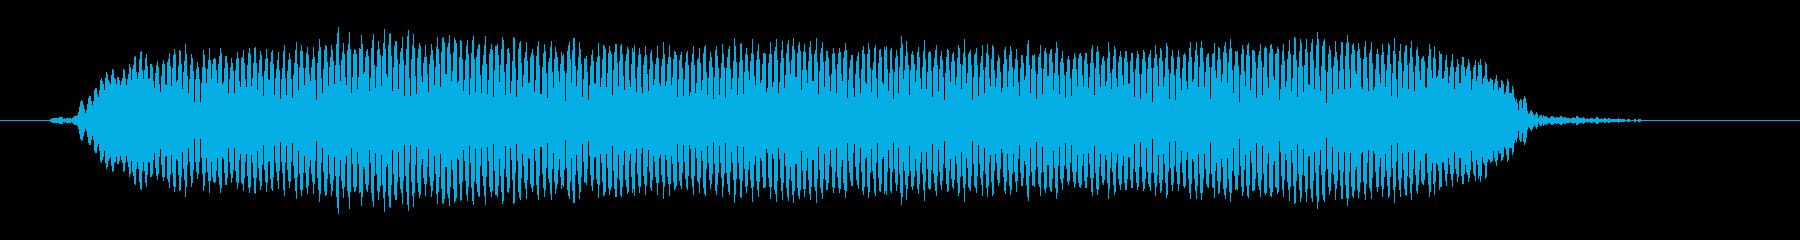 「ピッ」サッカー ファールの笛 の再生済みの波形